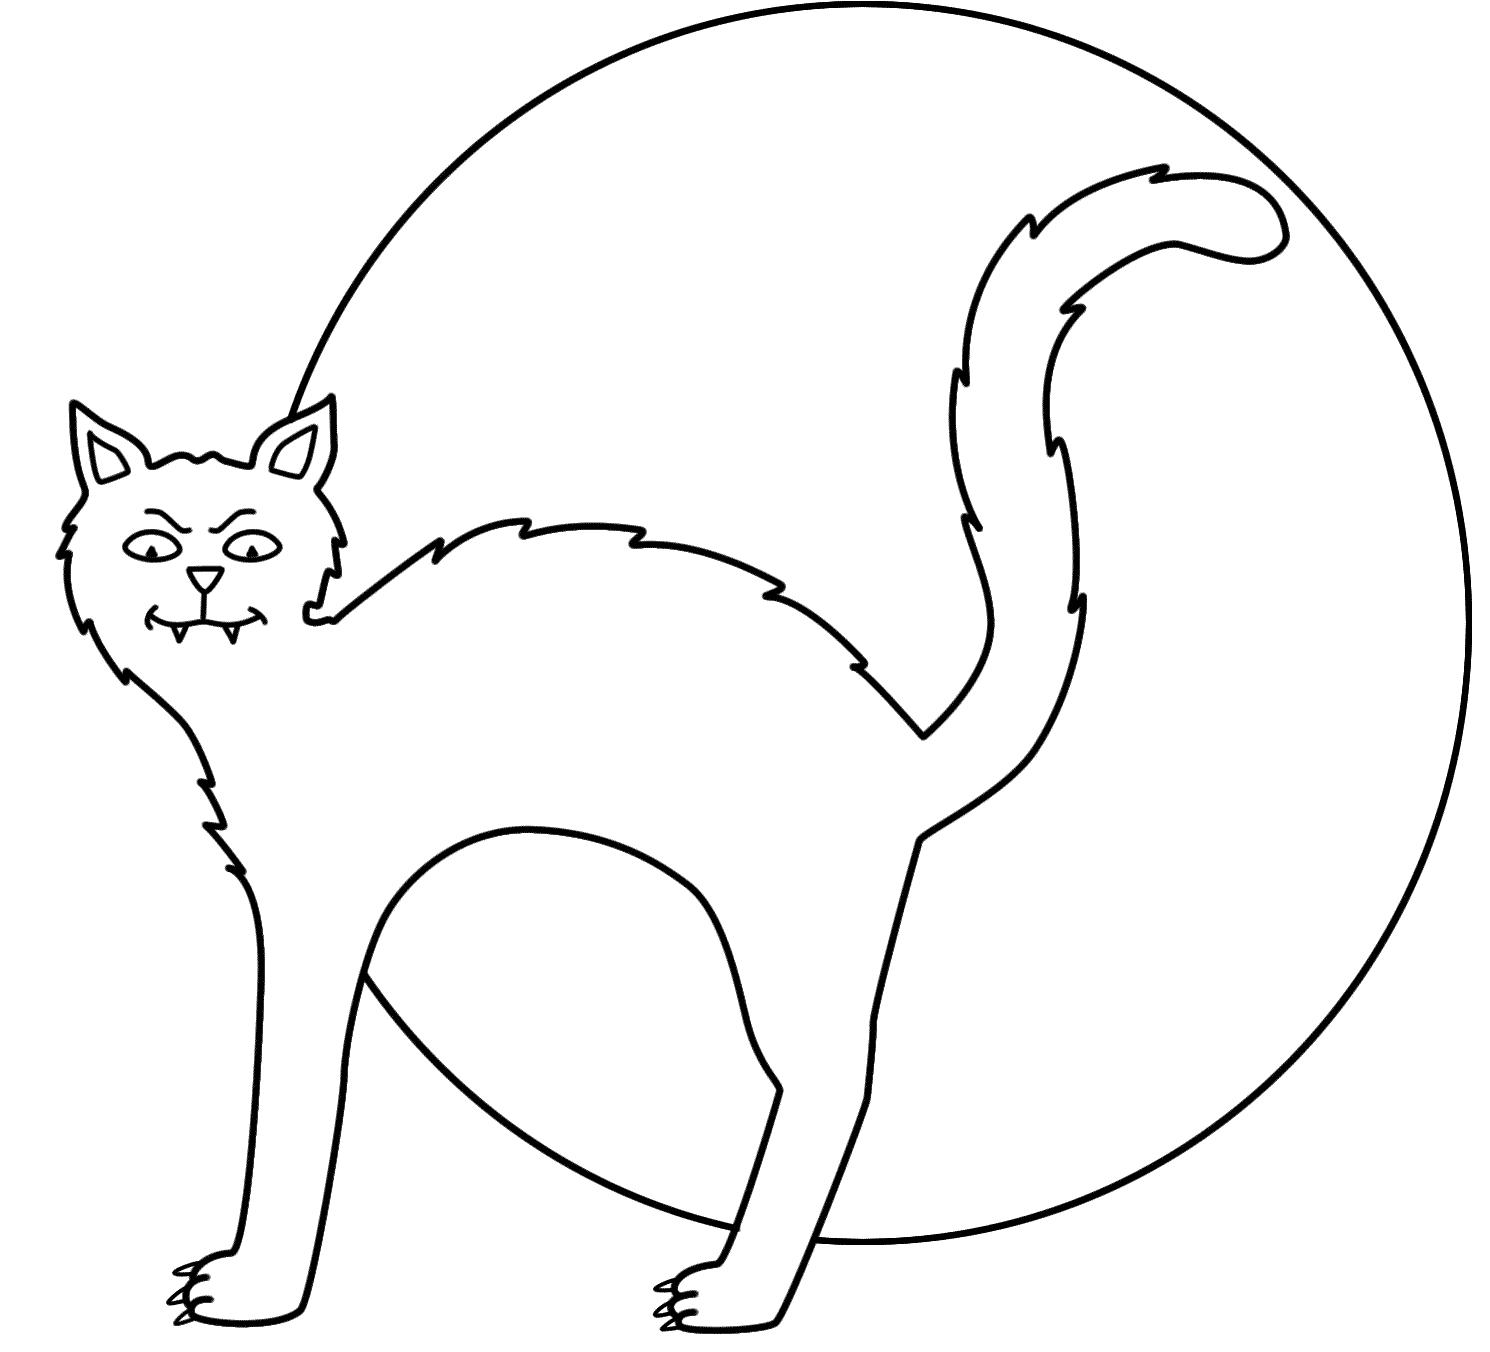 Black Cats Drawing At Getdrawings